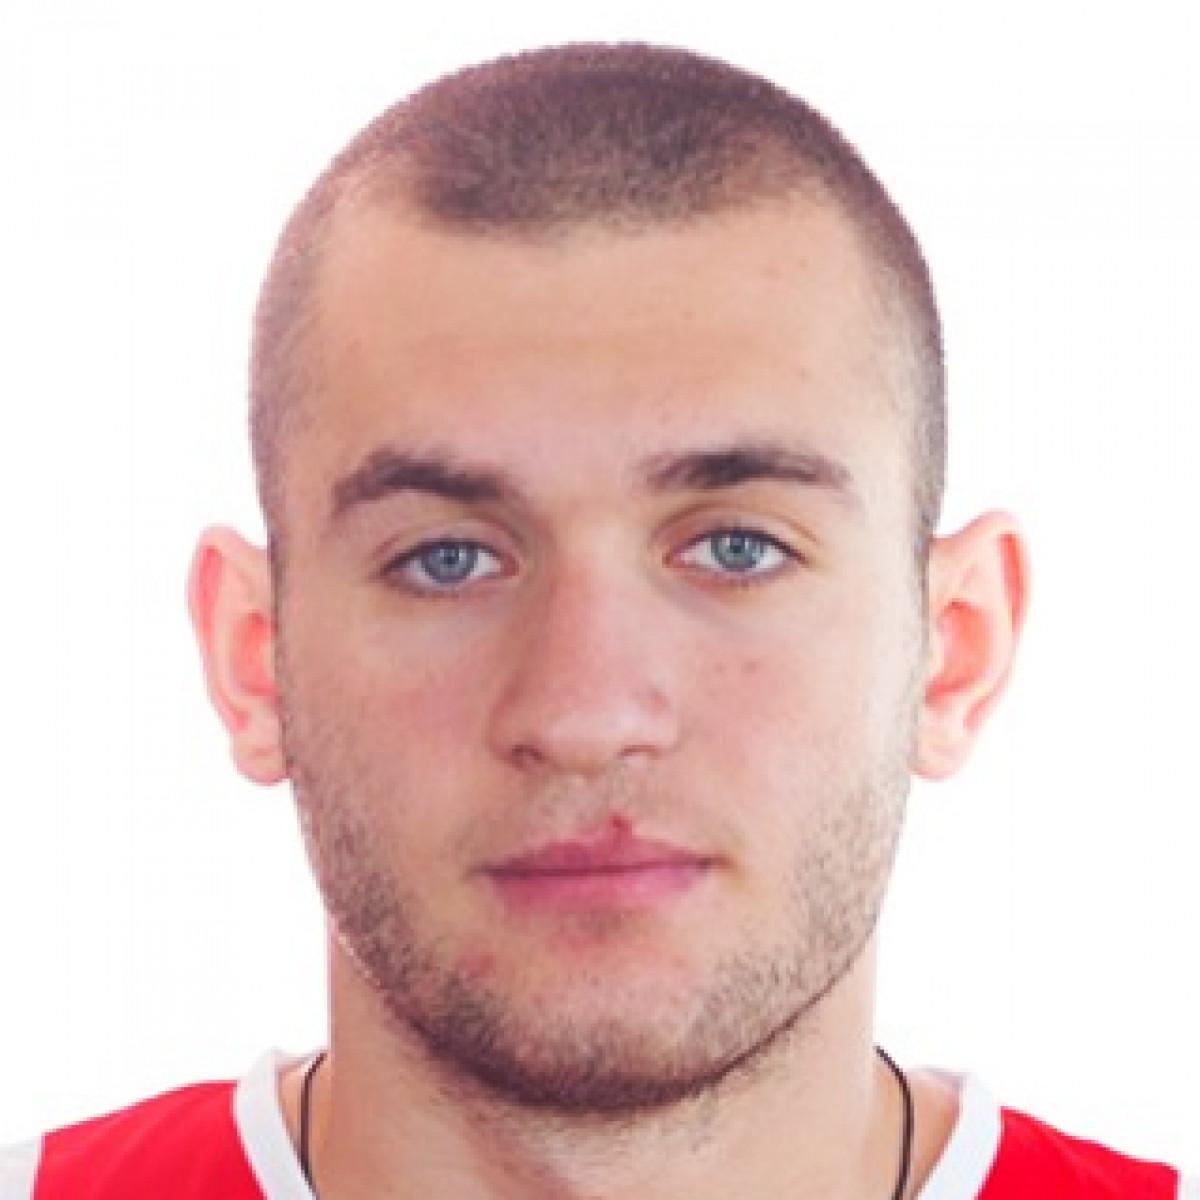 Luka Kalatozishvili